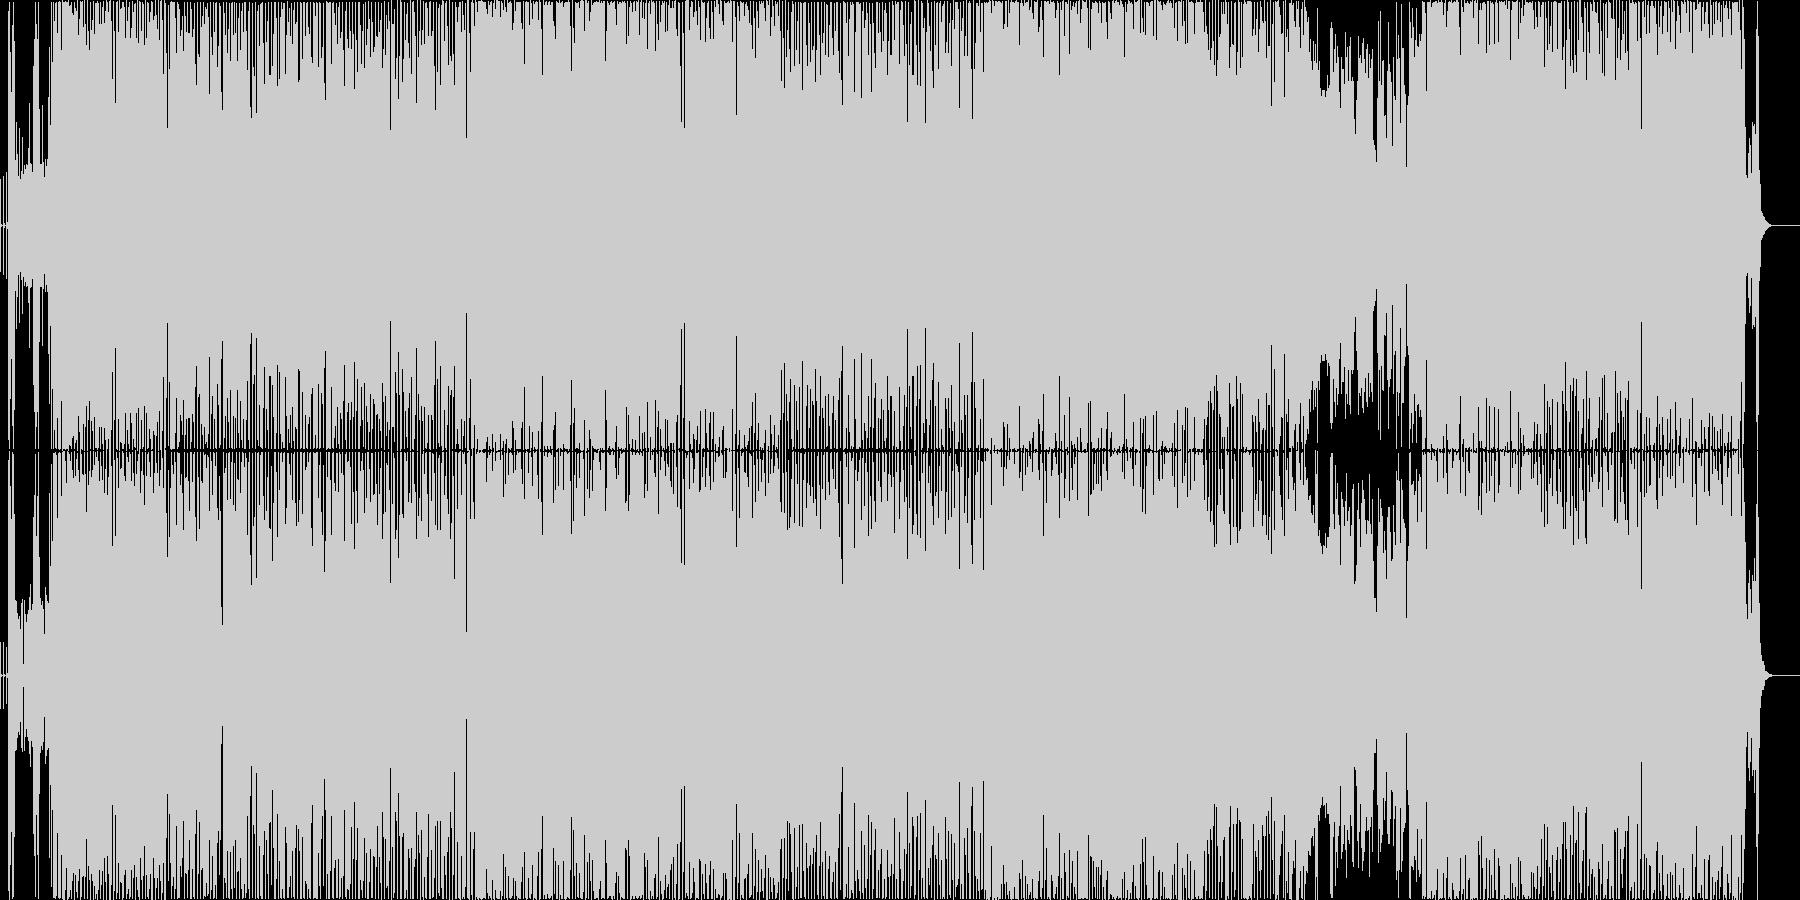 アニメ主題歌風の元気なエレクトロポップの未再生の波形